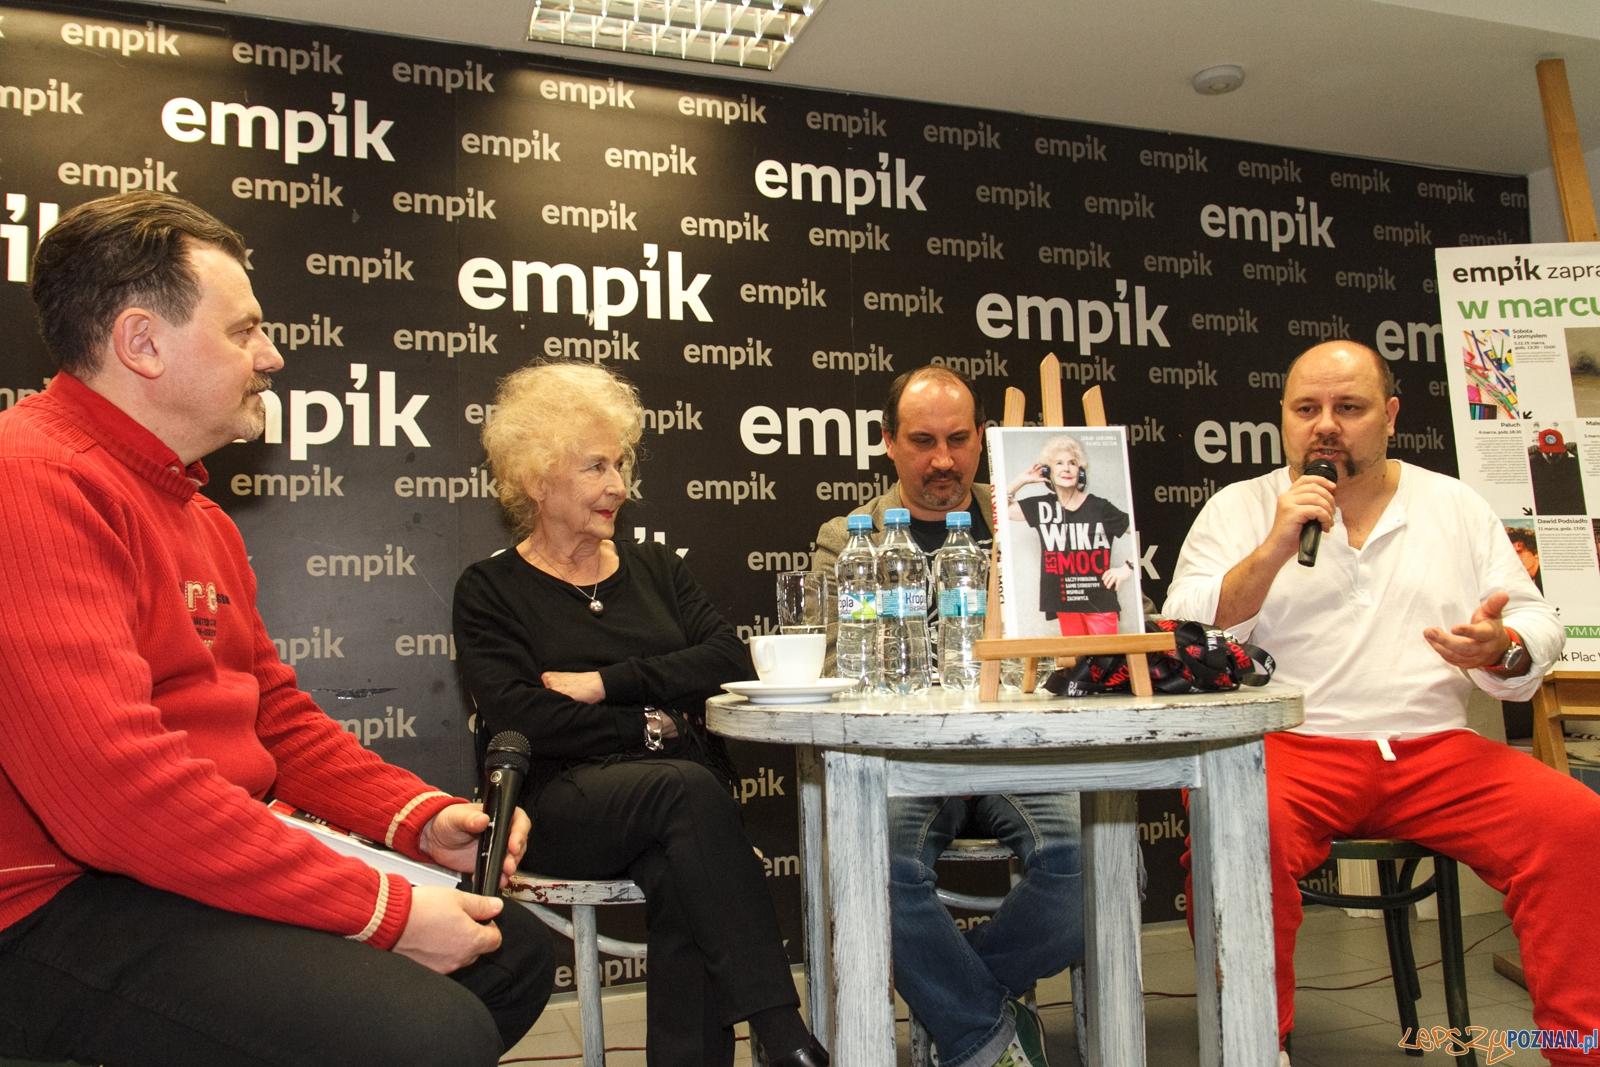 Spotkanie z Dj Wiką w salonie Empiku - Poznań 25.02.2016 r.  Foto: LepszyPOZNAN.pl / Paweł Rychter